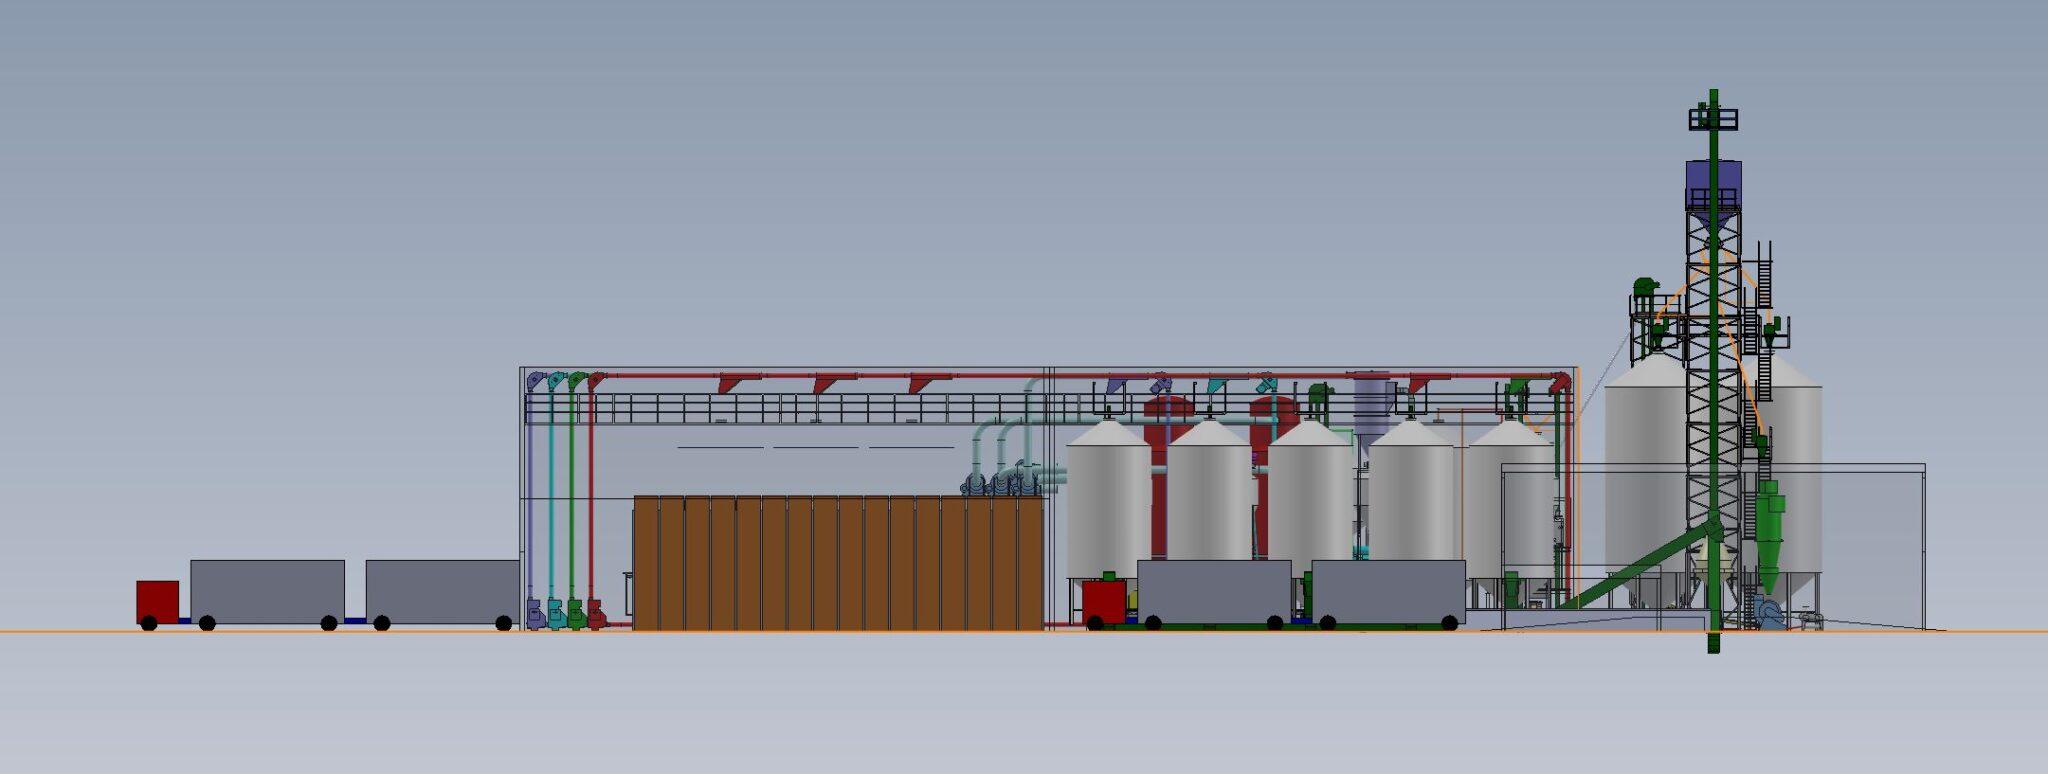 Pea Processing 2